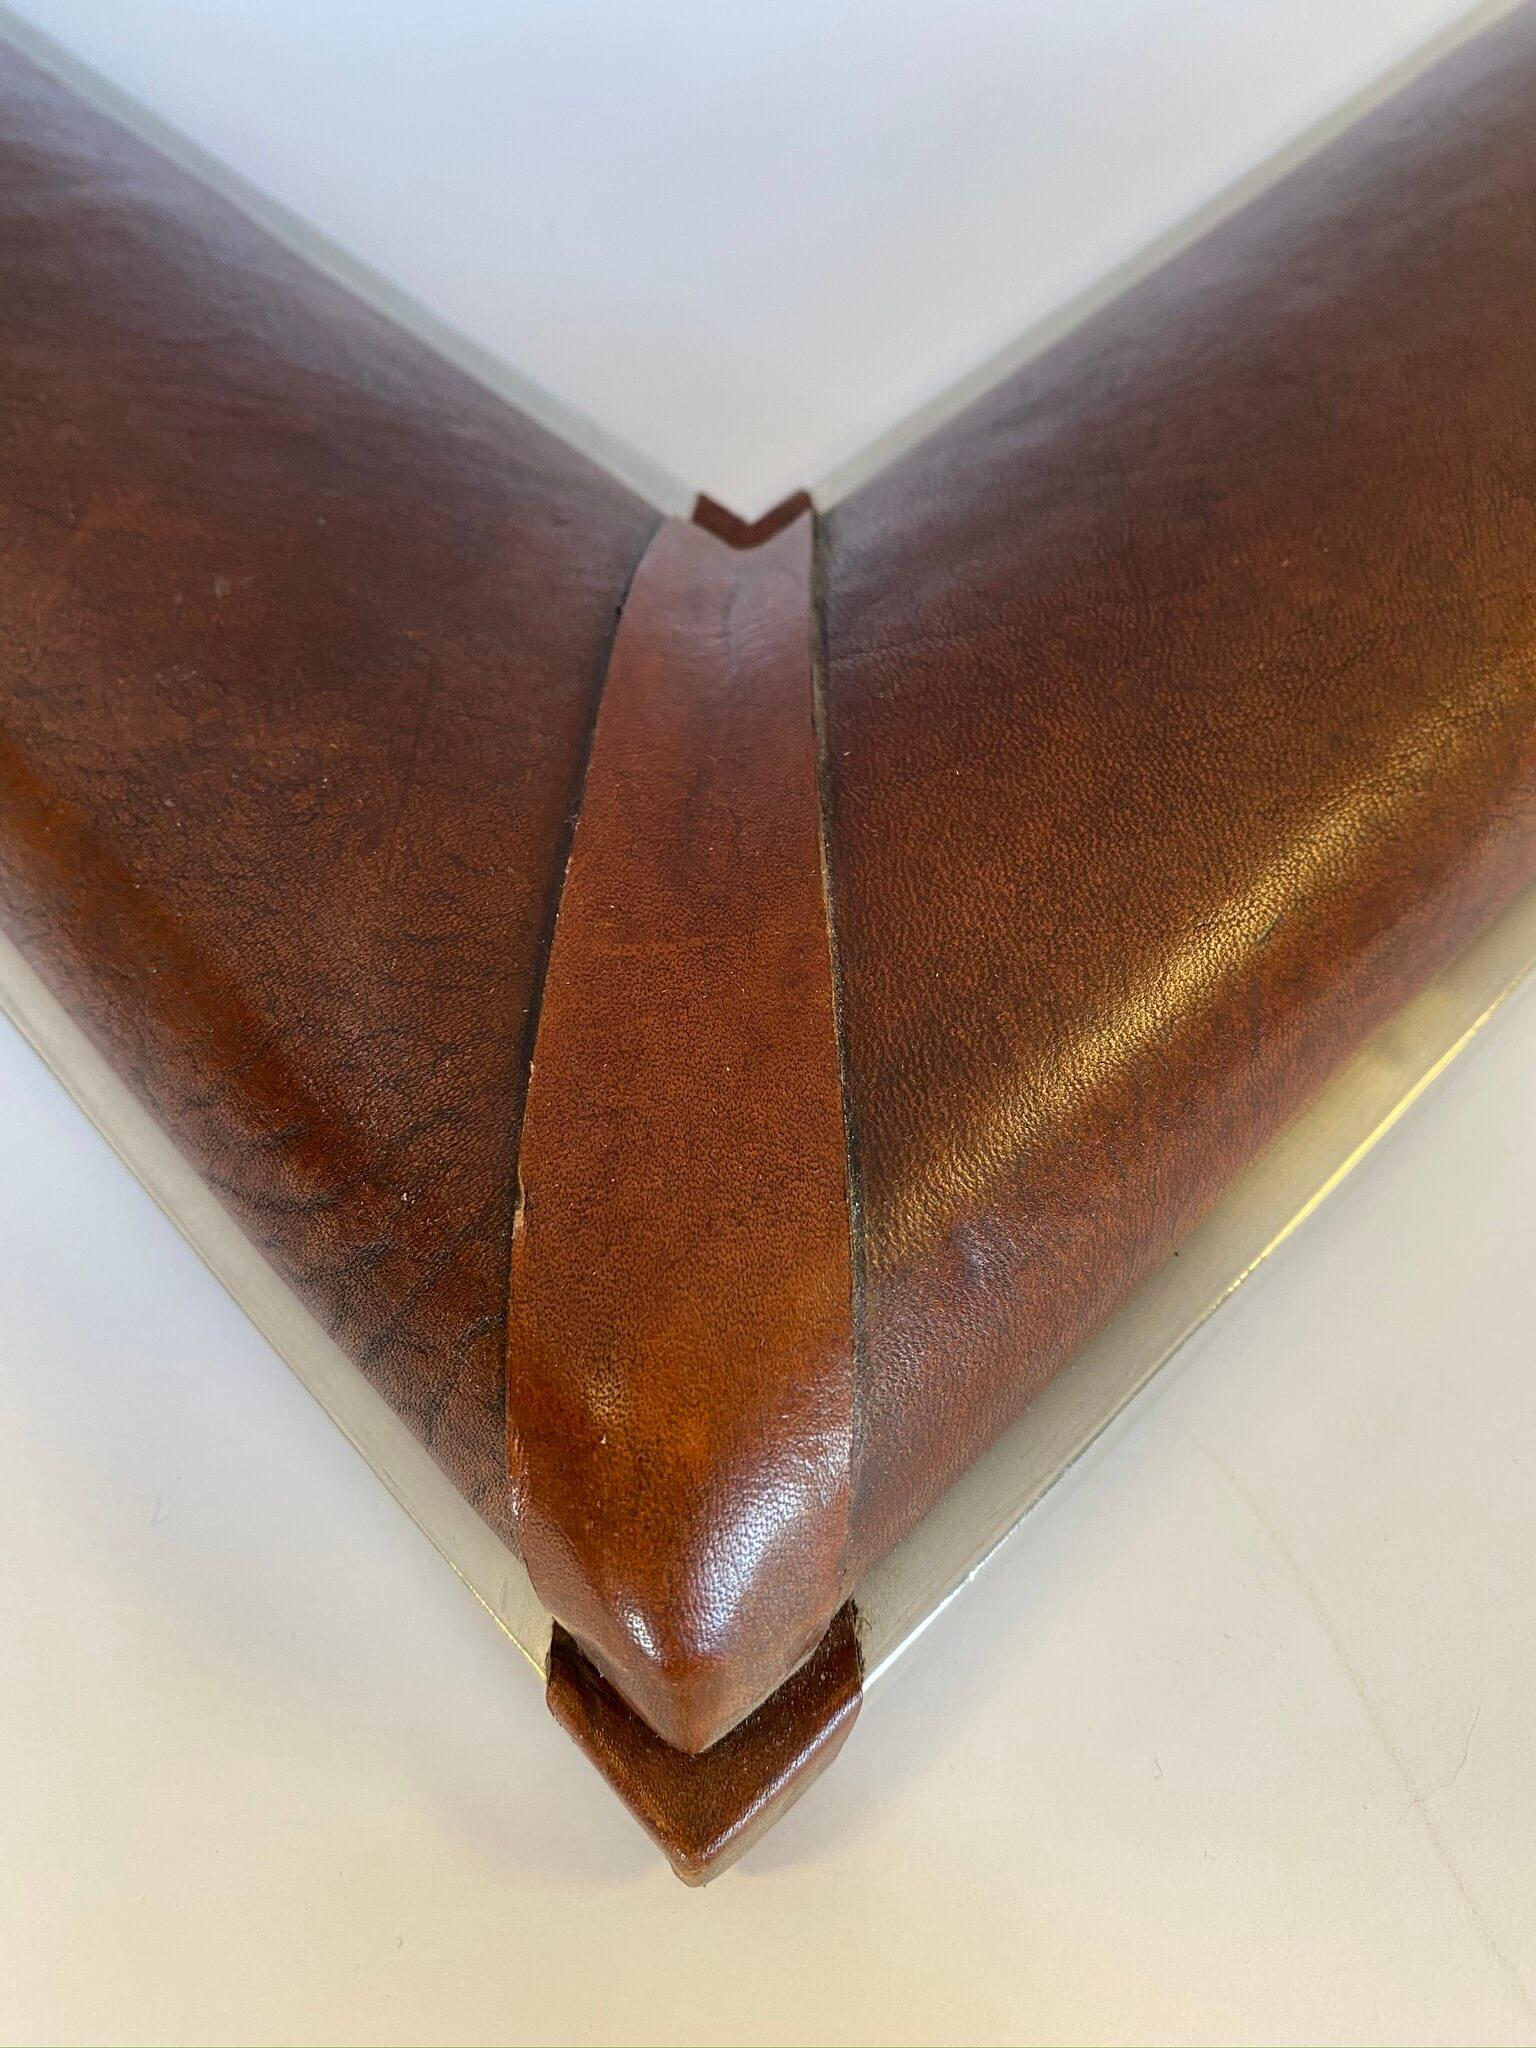 Cusotm leather frames midwest, April Hann Lanford frame designs, frame designs chicago